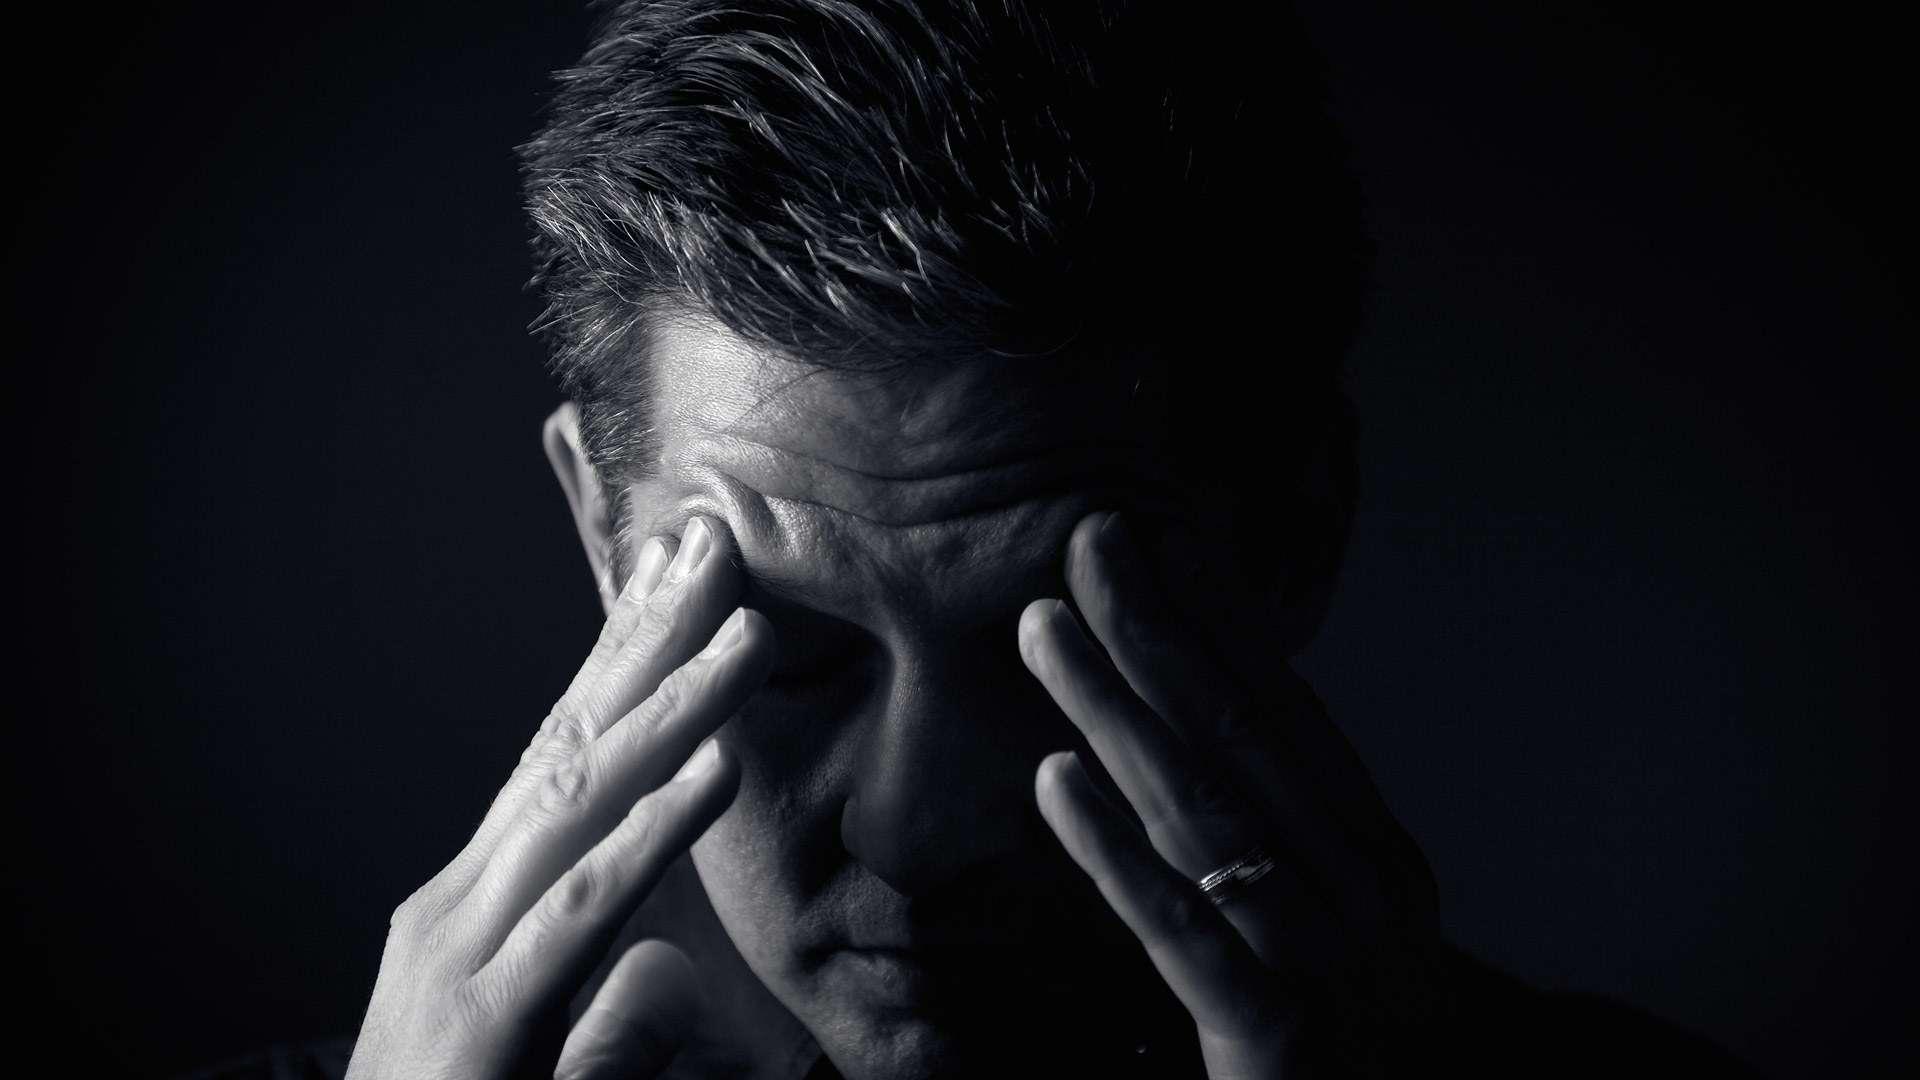 कितना जानते हैं आप डिप्रेशन के बारे में? उदासी और एंग्ज़ायटी से कैसे अलग है? इन तरीकों से रखें खुद को डिप्रेशन से दूर